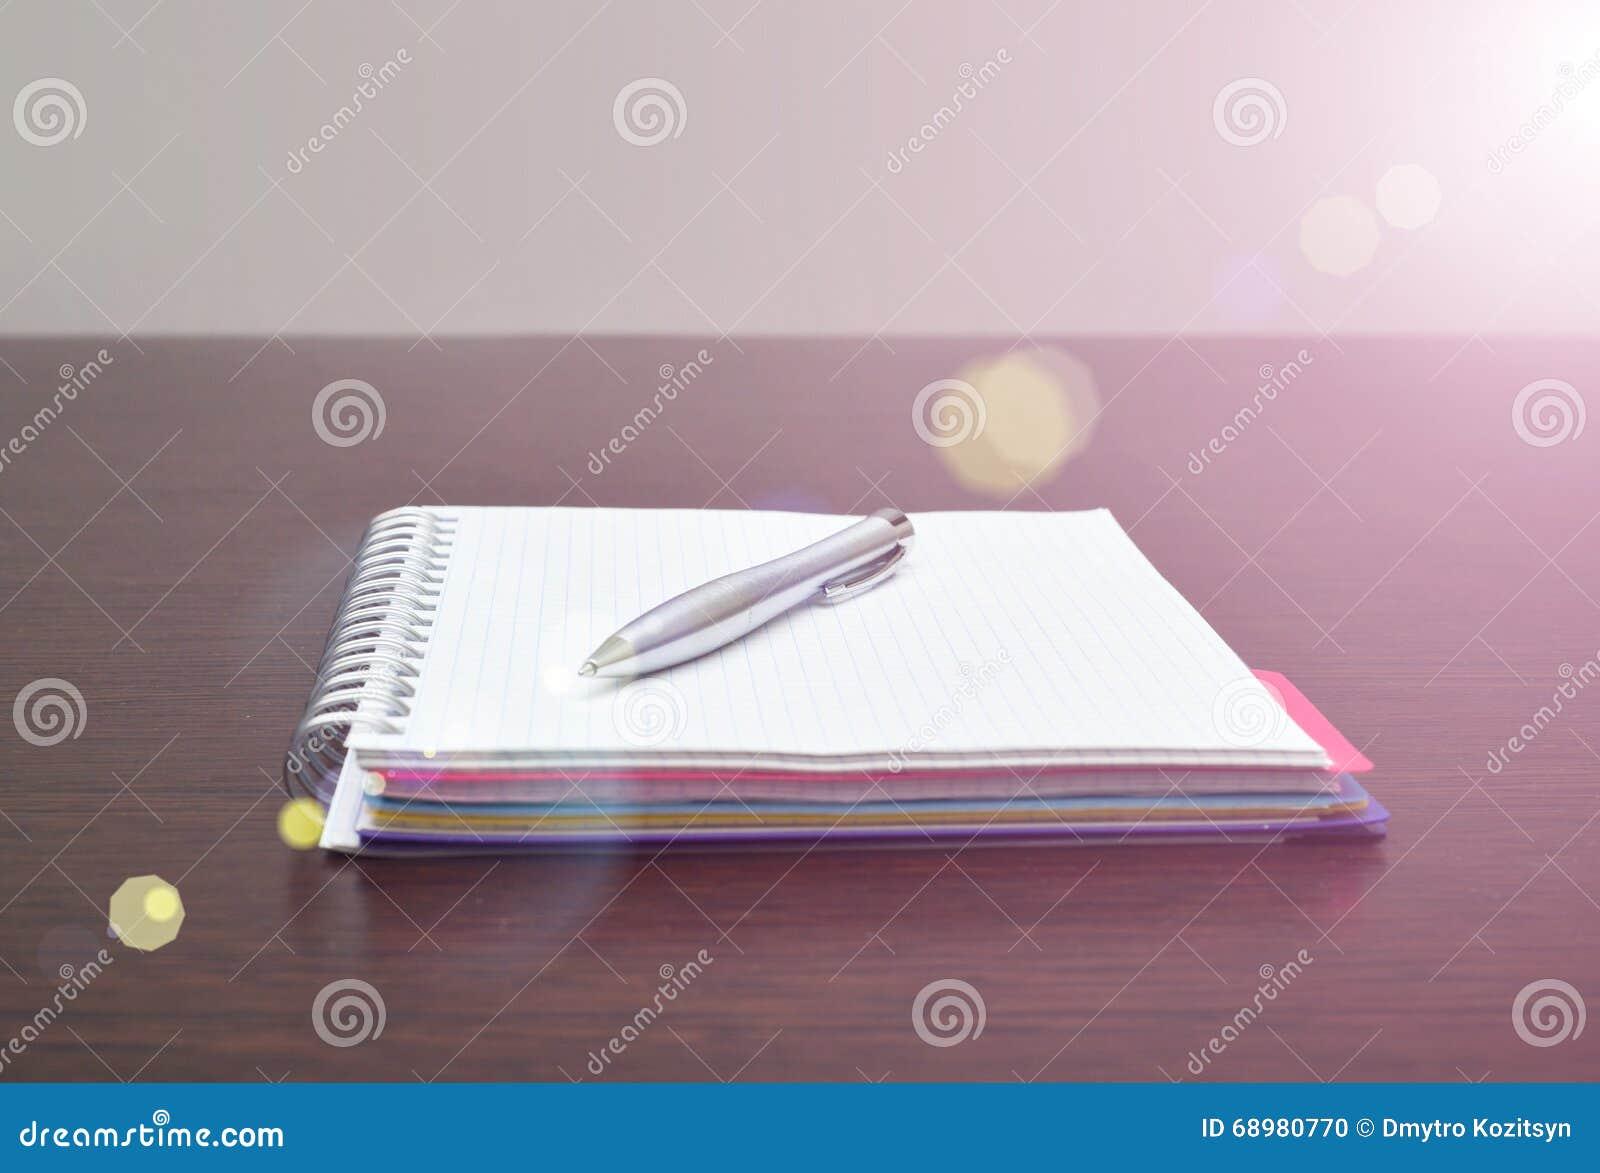 Notizbuch und Stahlstift auf dem Tisch mit Sonnenlicht